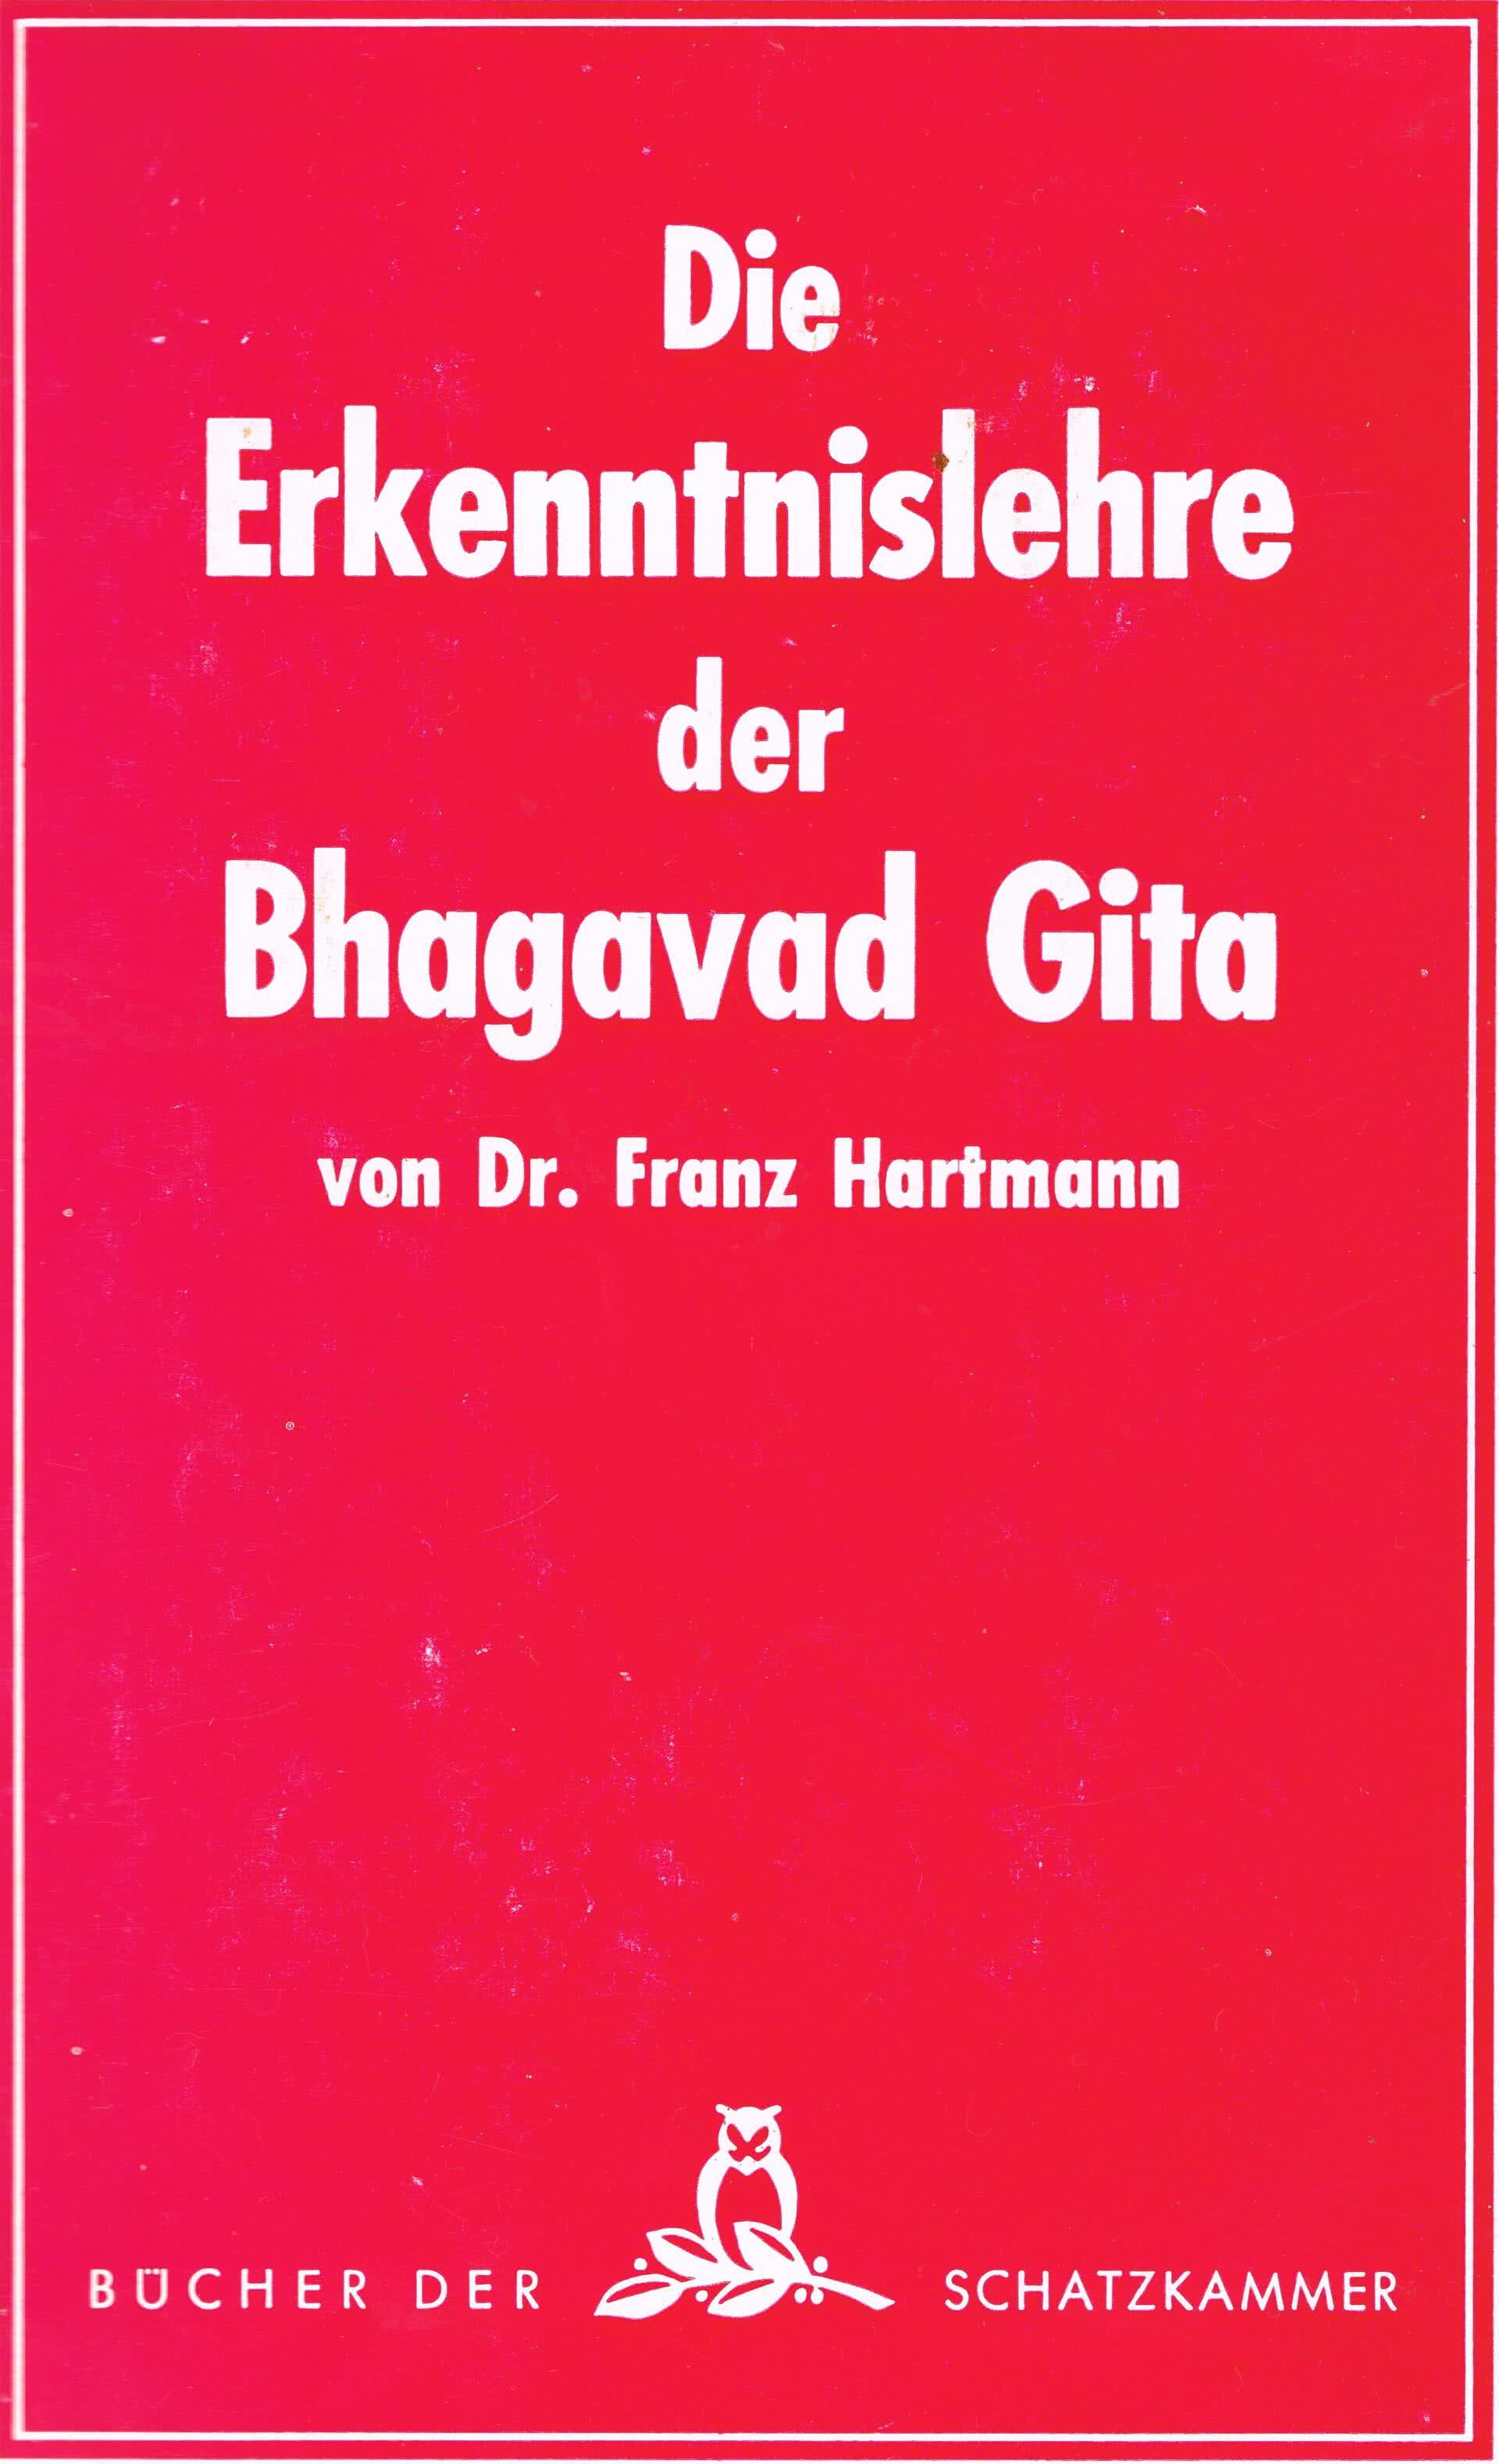 Die Erkenntnislehre der Bhagavad Gita